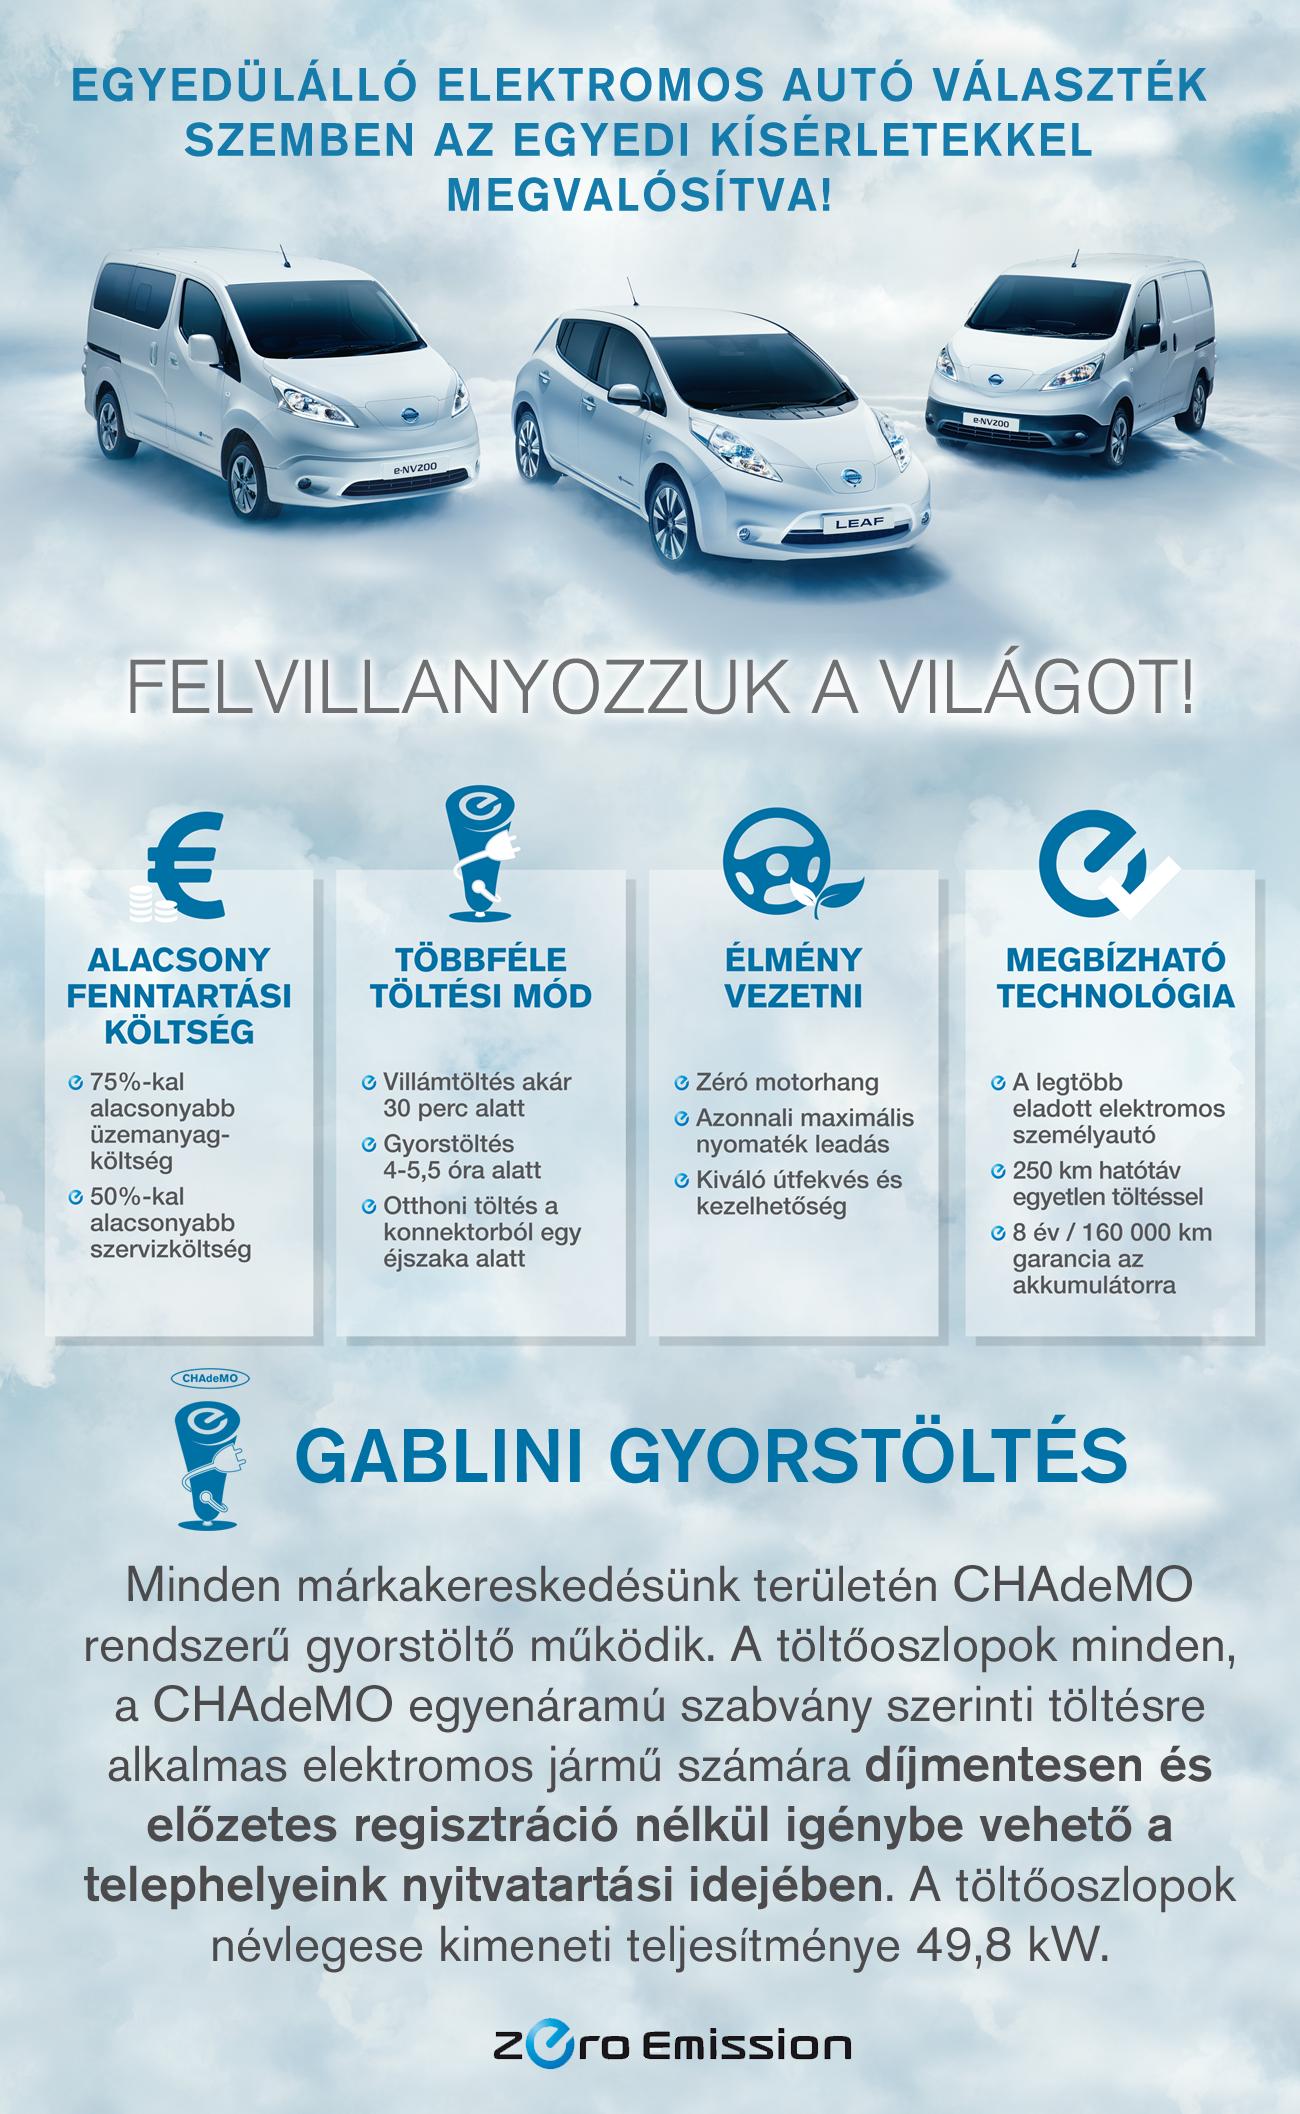 Egyedülálló elektromos autó választék